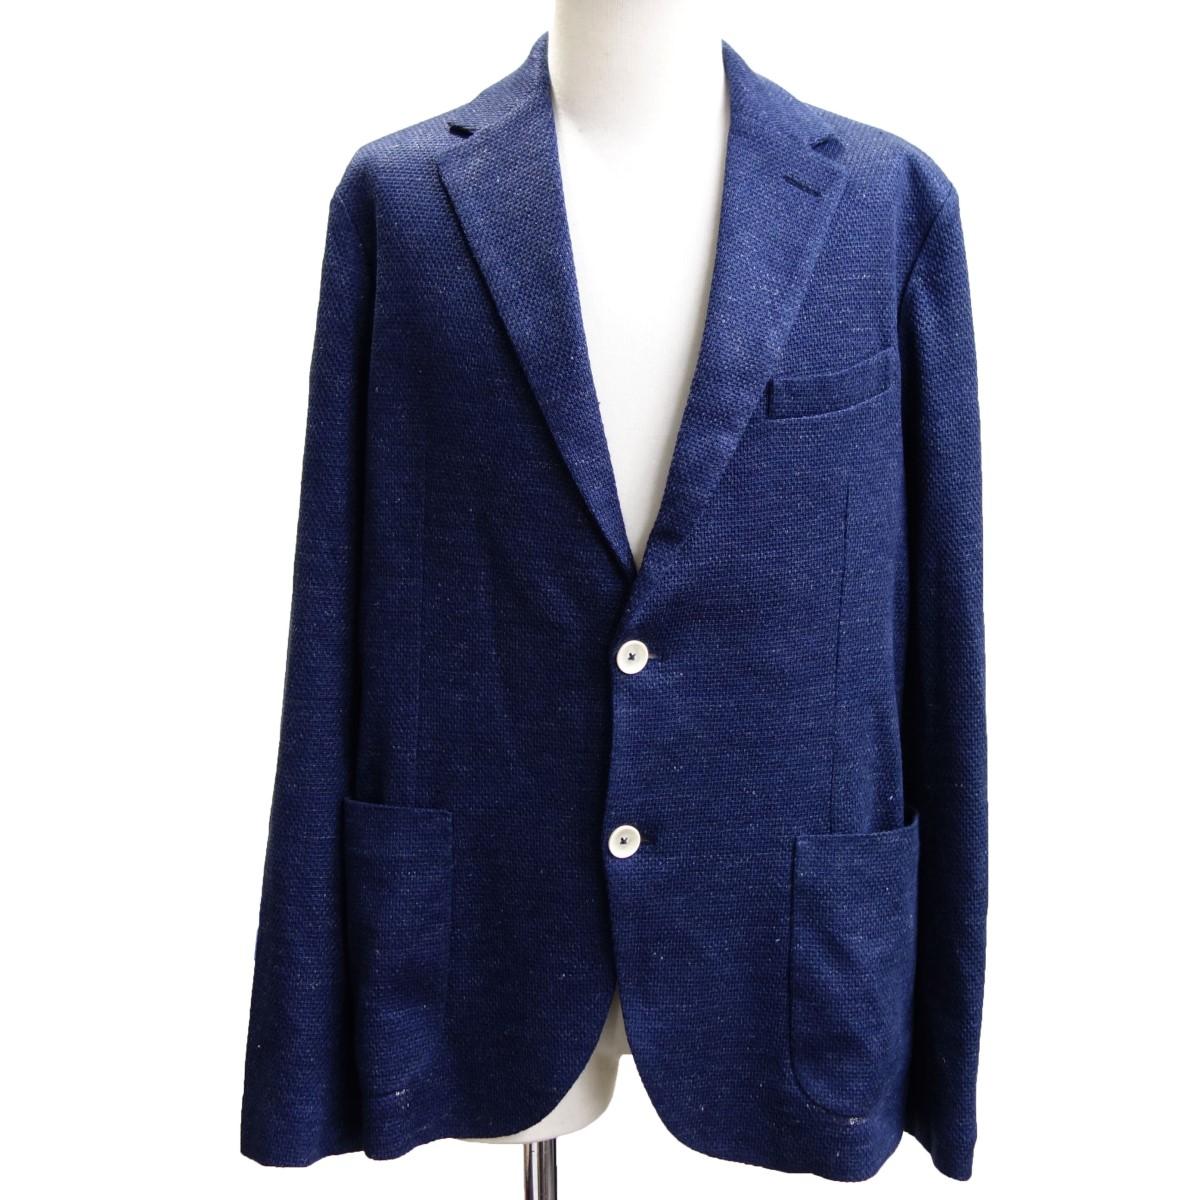 【中古】Circolo 1901 リネンストレッチテーラードジャケット ネイビー サイズ:48 【260820】(チルコロ)